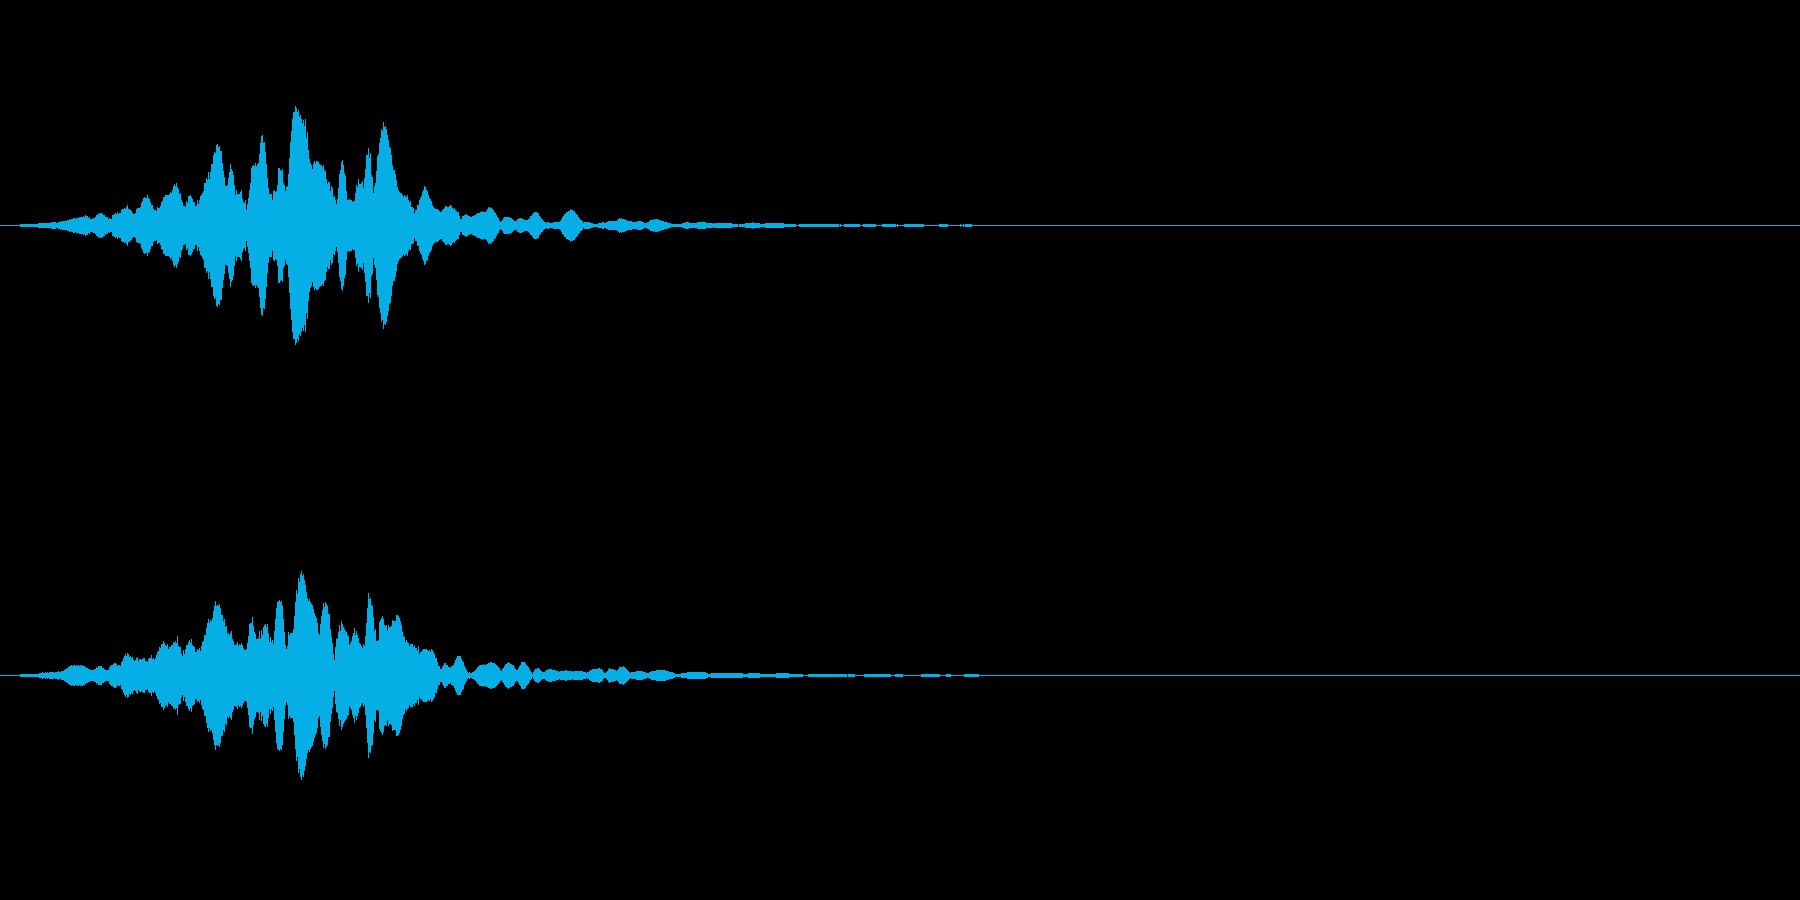 フワーン:サウンドロゴなどにどうぞの再生済みの波形